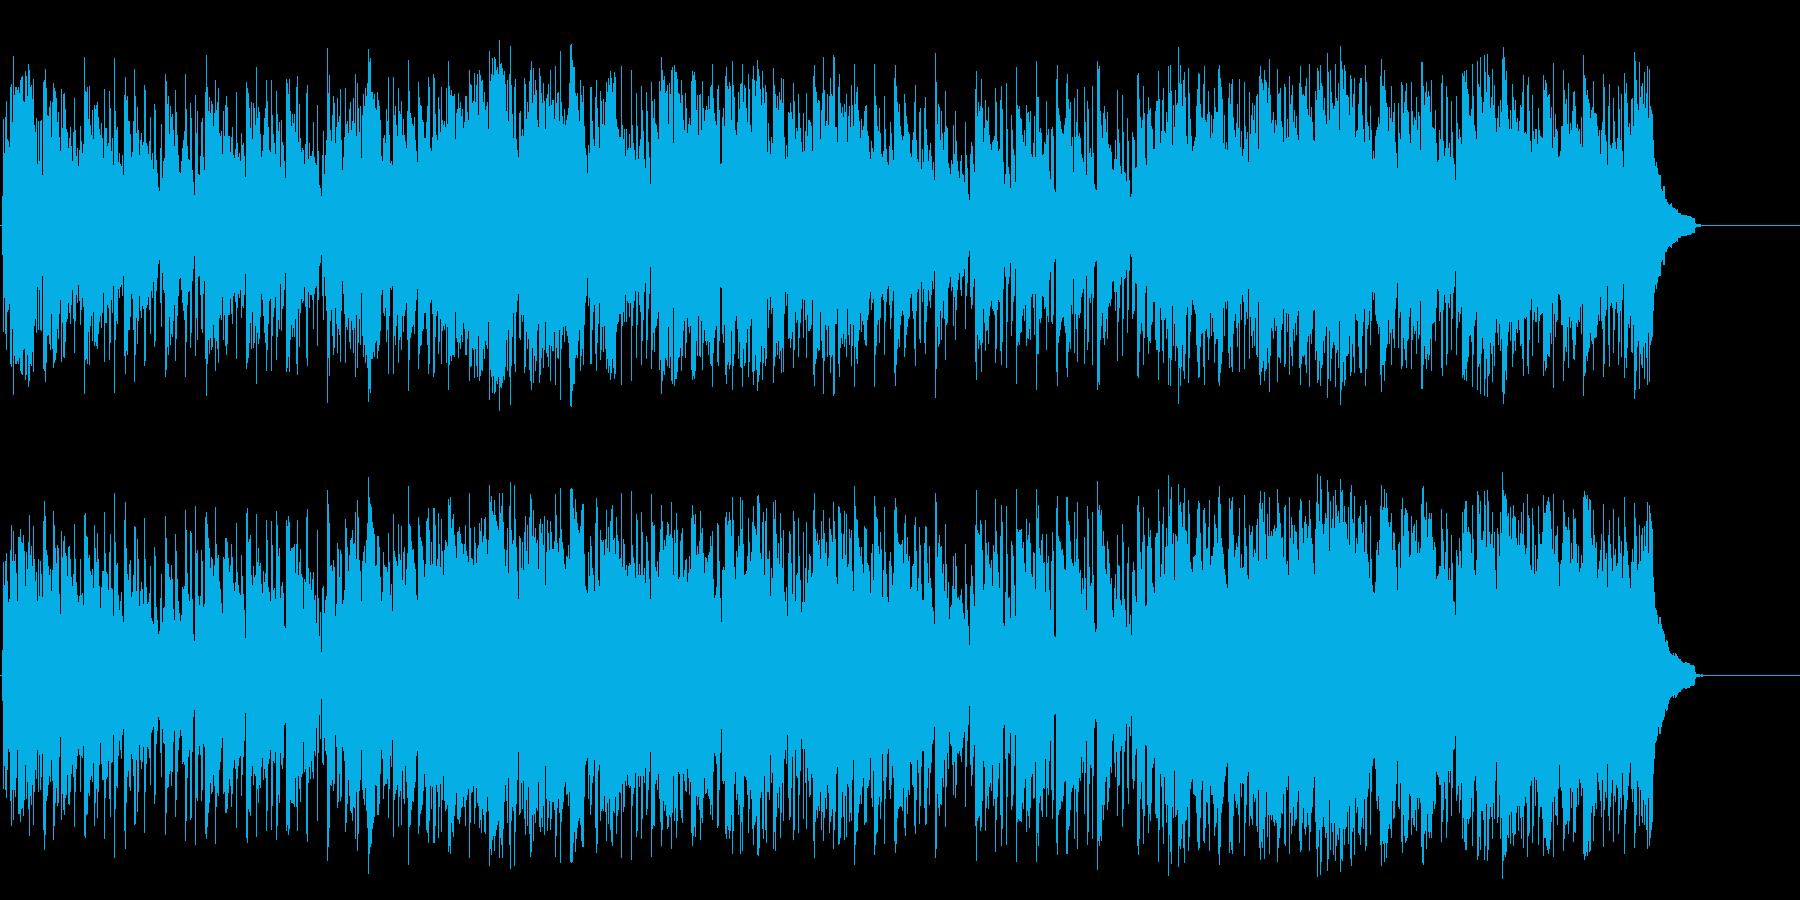 潮風も爽やかなポップ/フュージョンの再生済みの波形